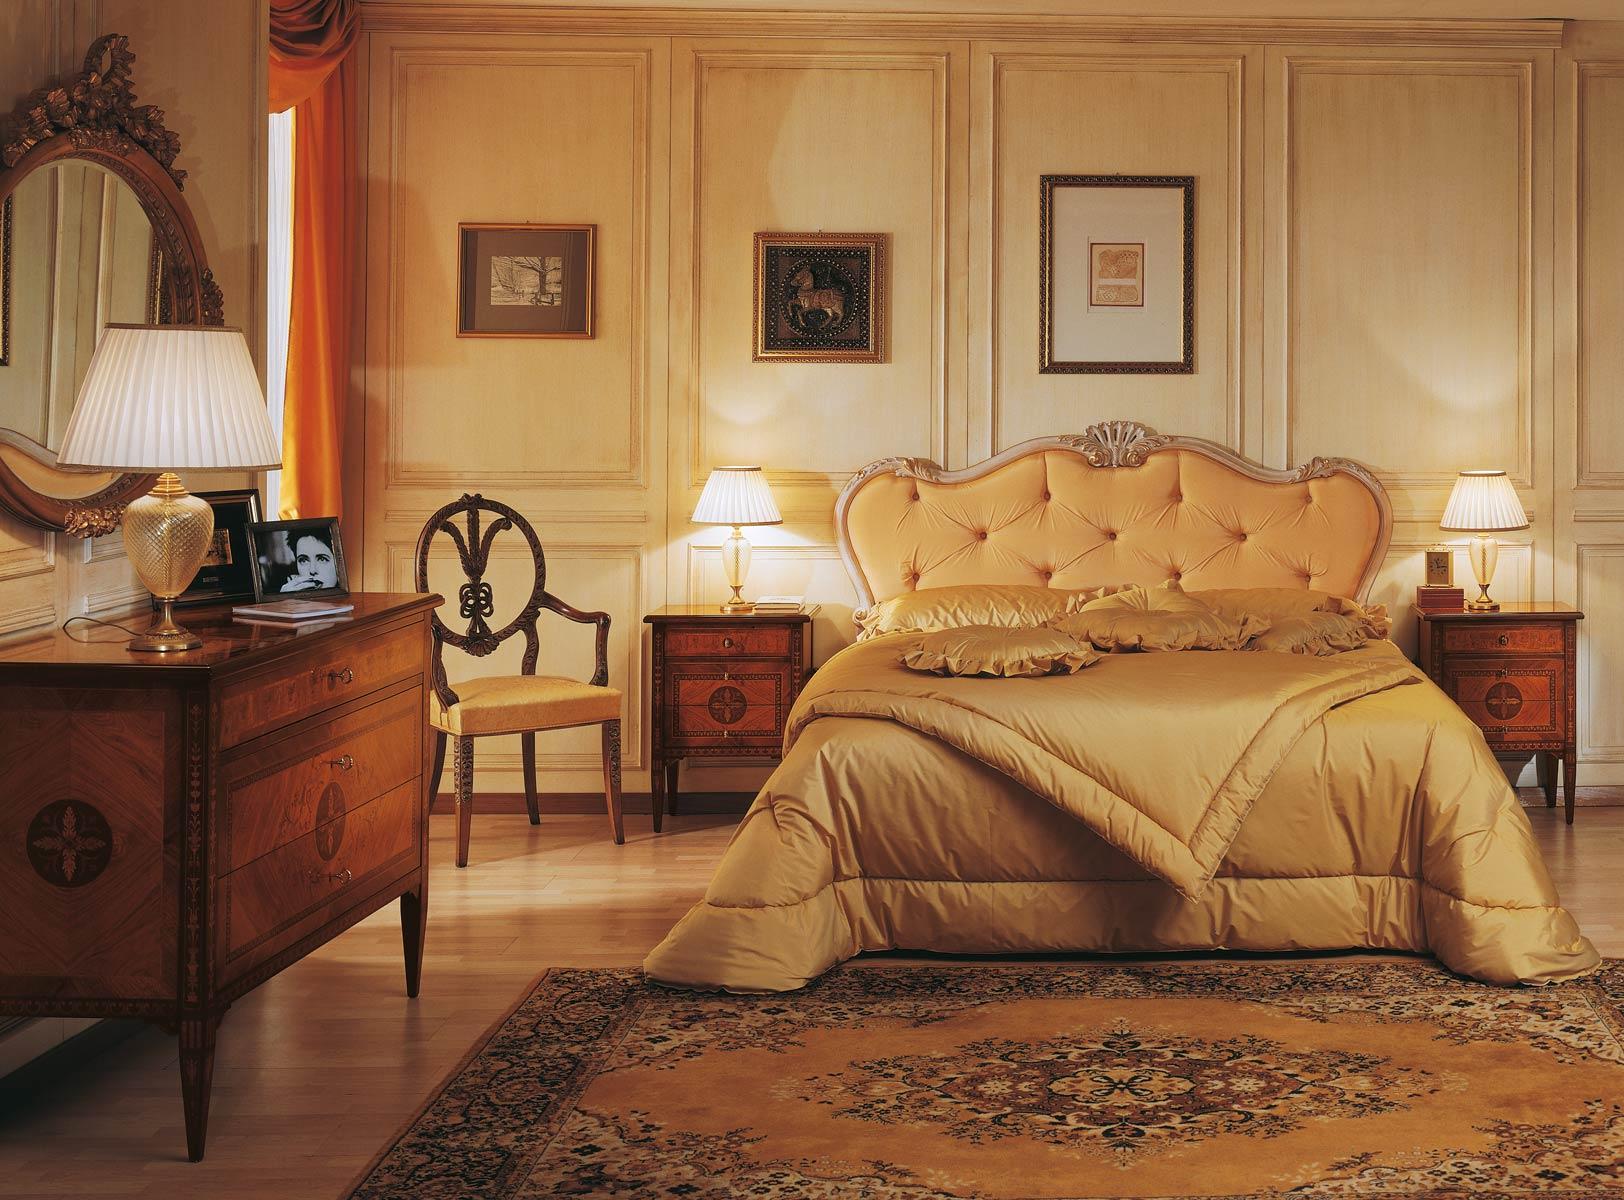 10 - Camera da letto in noce ...